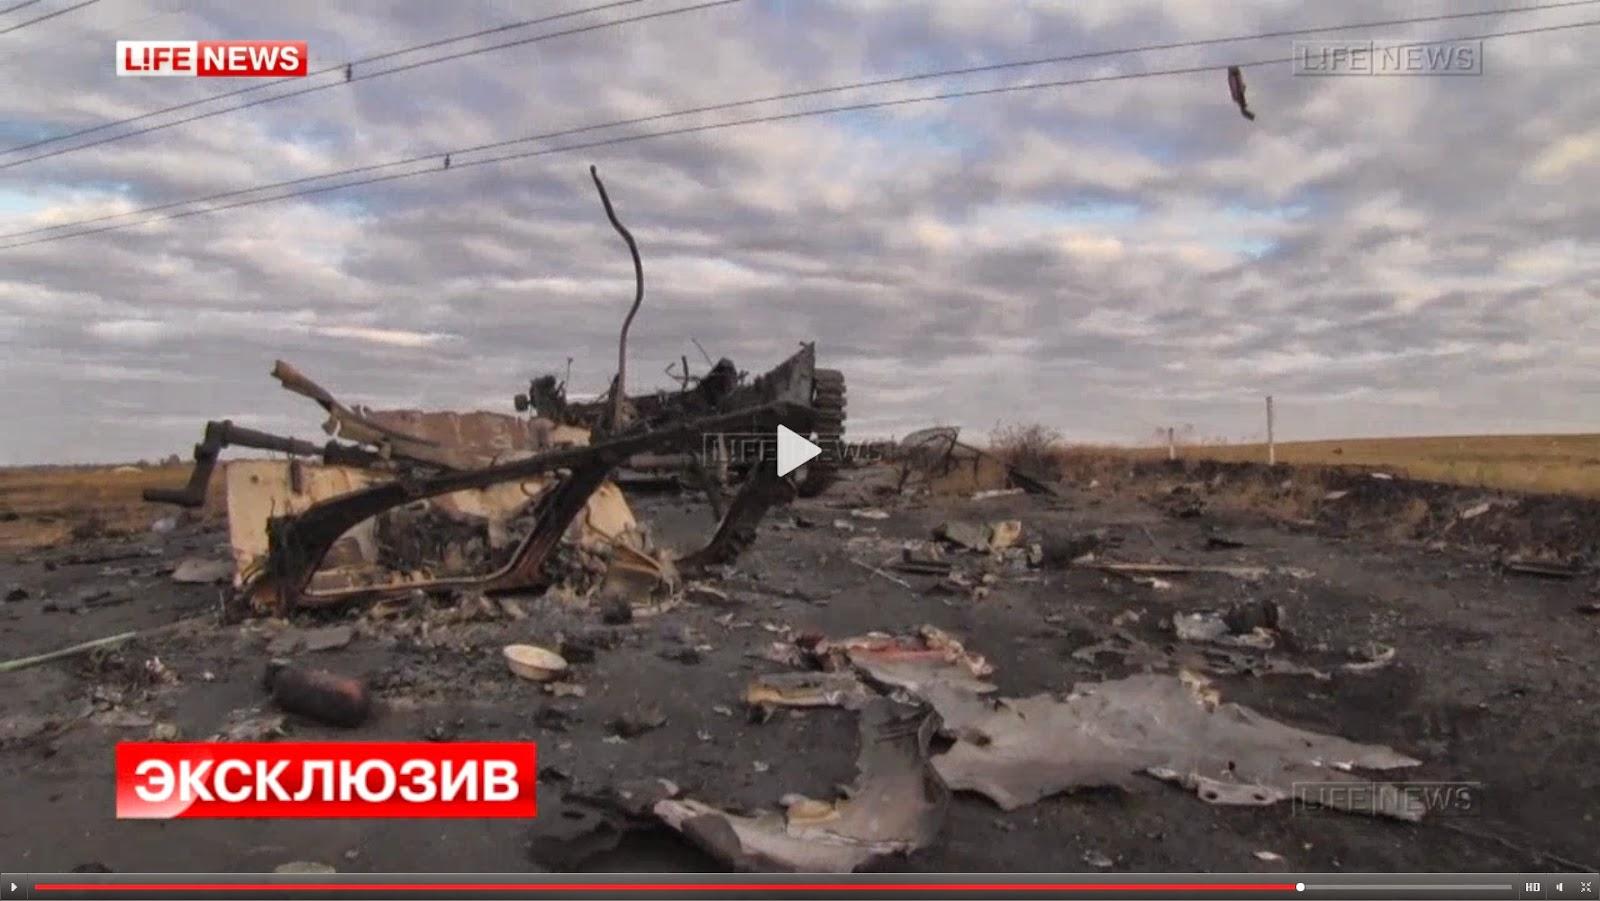 Donbass Liberation War Multimedia %D0%A1%D1%82%D0%B0%D1%80%D0%BE%D0%B1%D0%B5%D1%88%D0%B5%D0%B2%D0%BE7